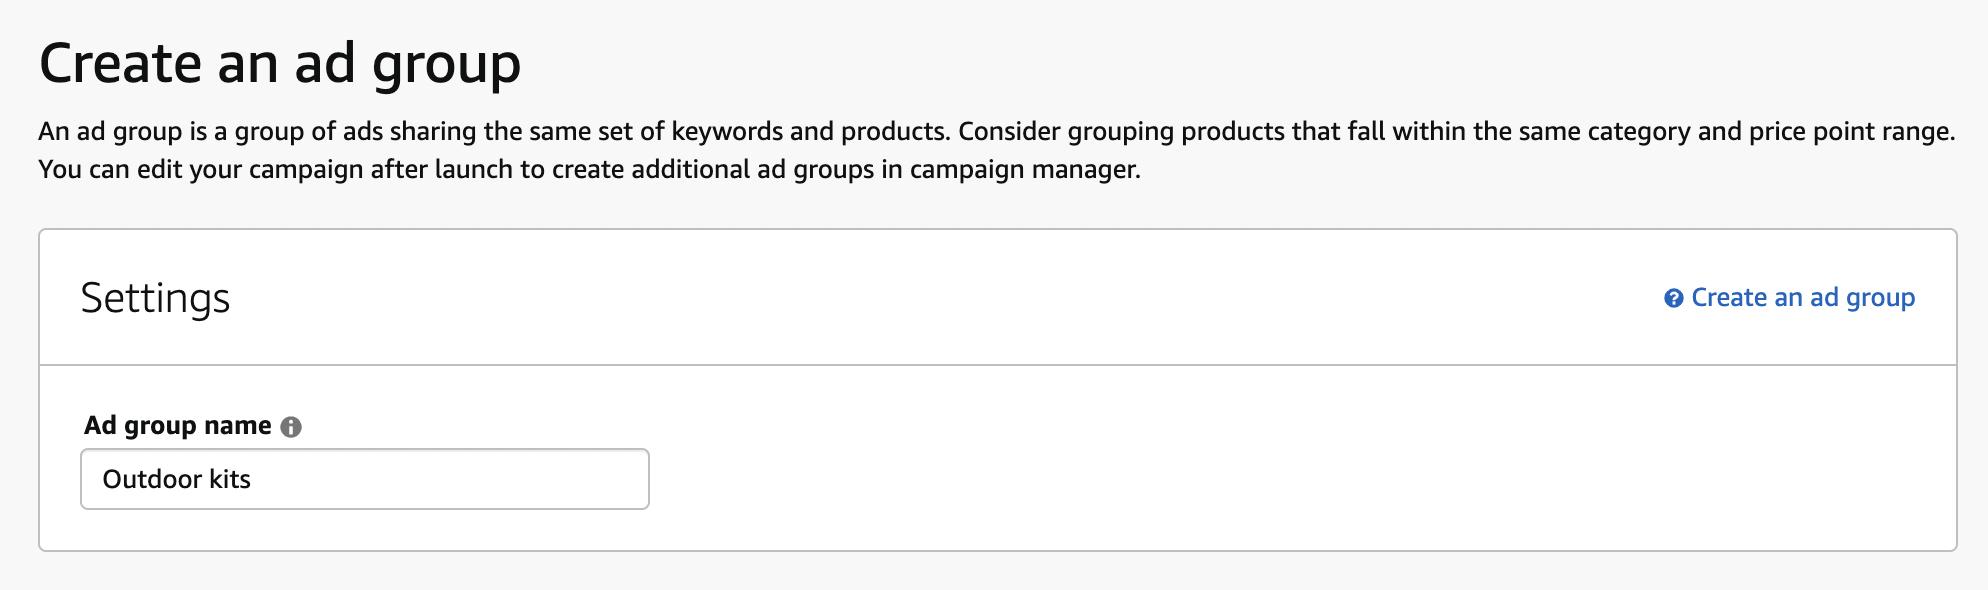 Create an ad group